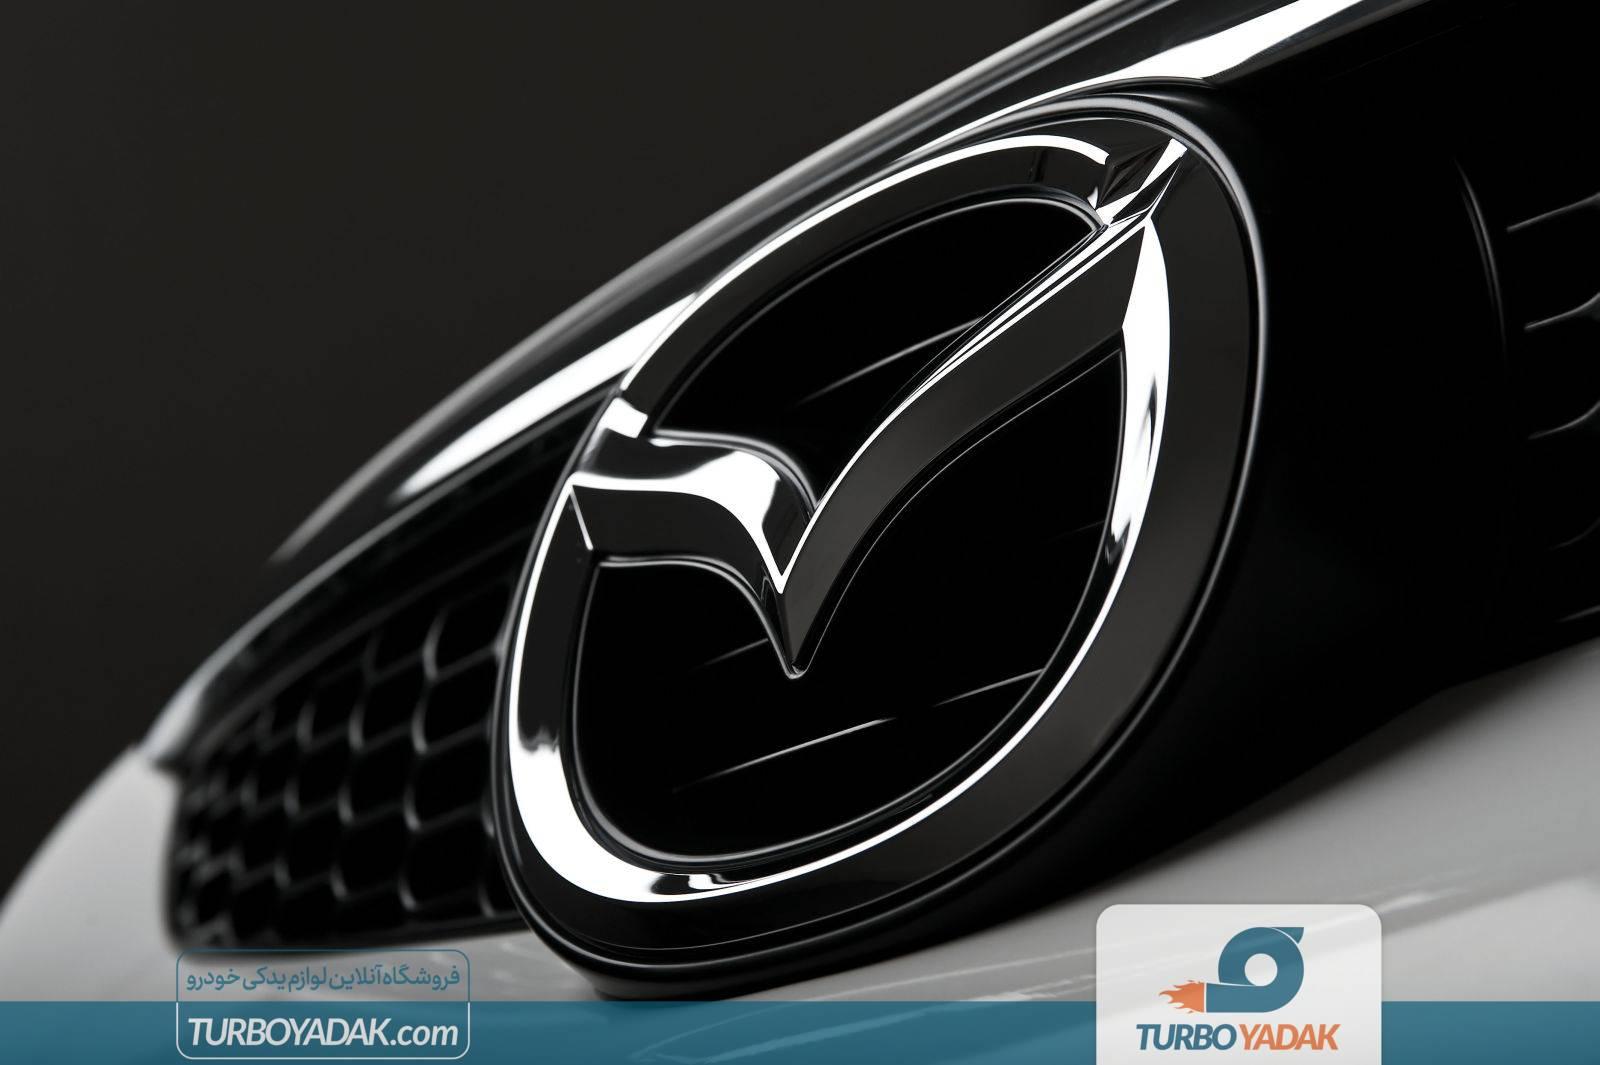 گروه خودروسازی بهمن